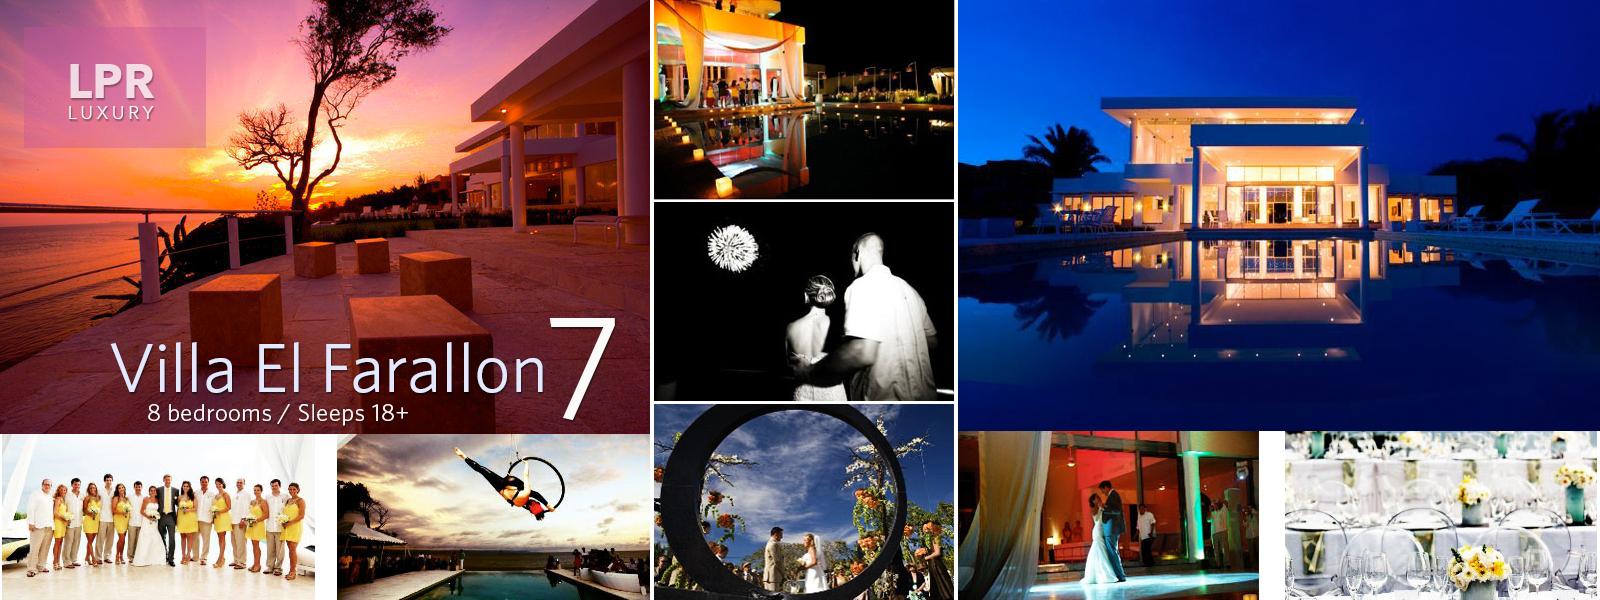 Villa El Farallon 7 - Puerto Vallarta Wedding Villas and Events - Punta Mita Mexico